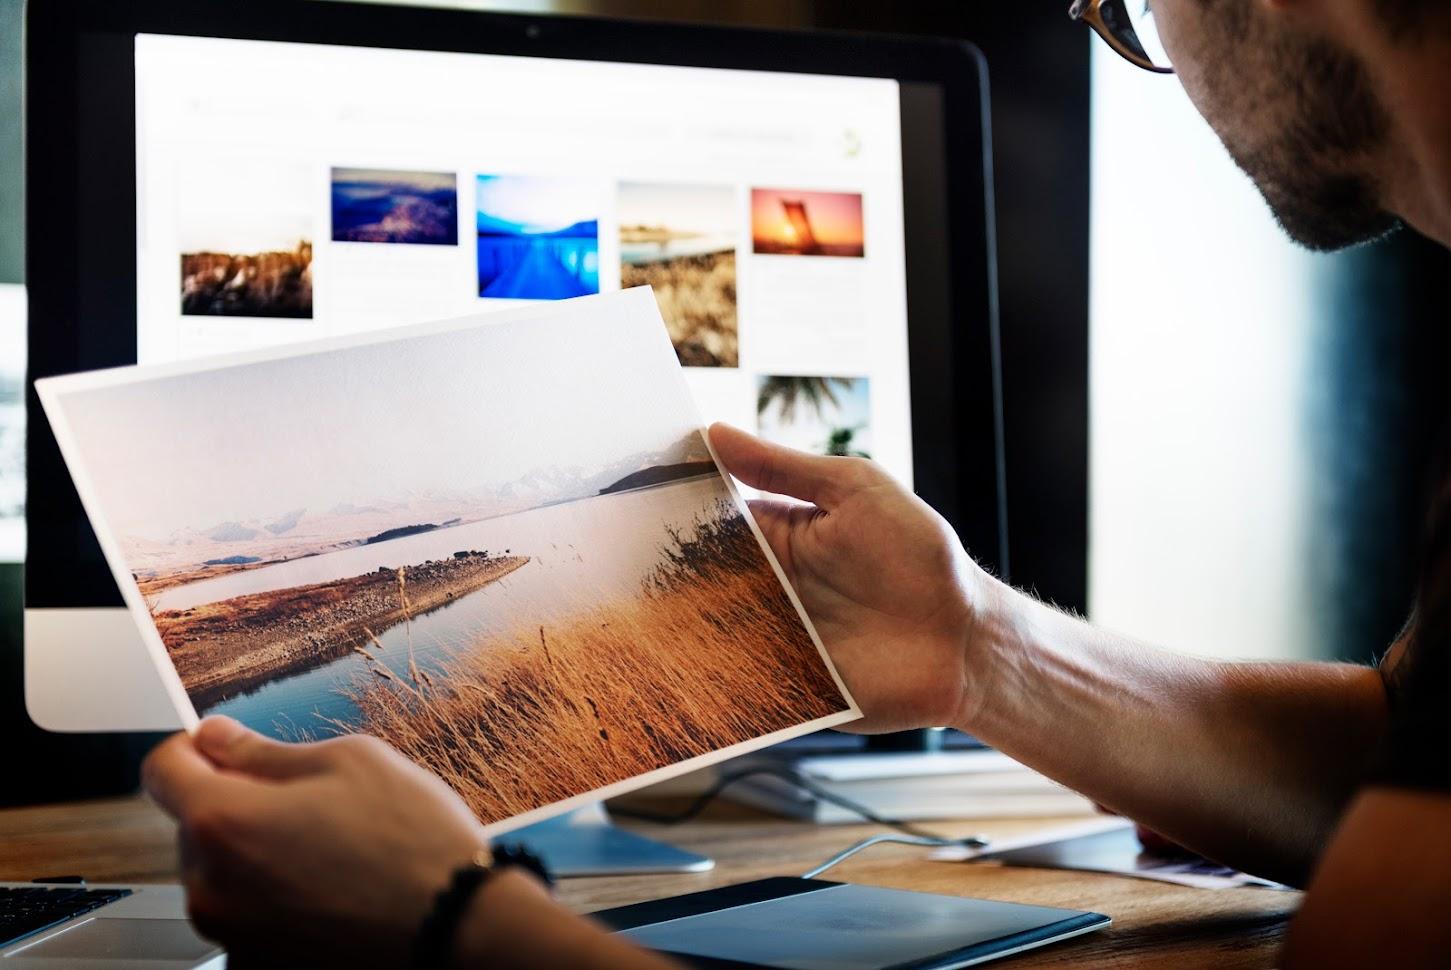 Utiliser des images sur Internet en toute légalité